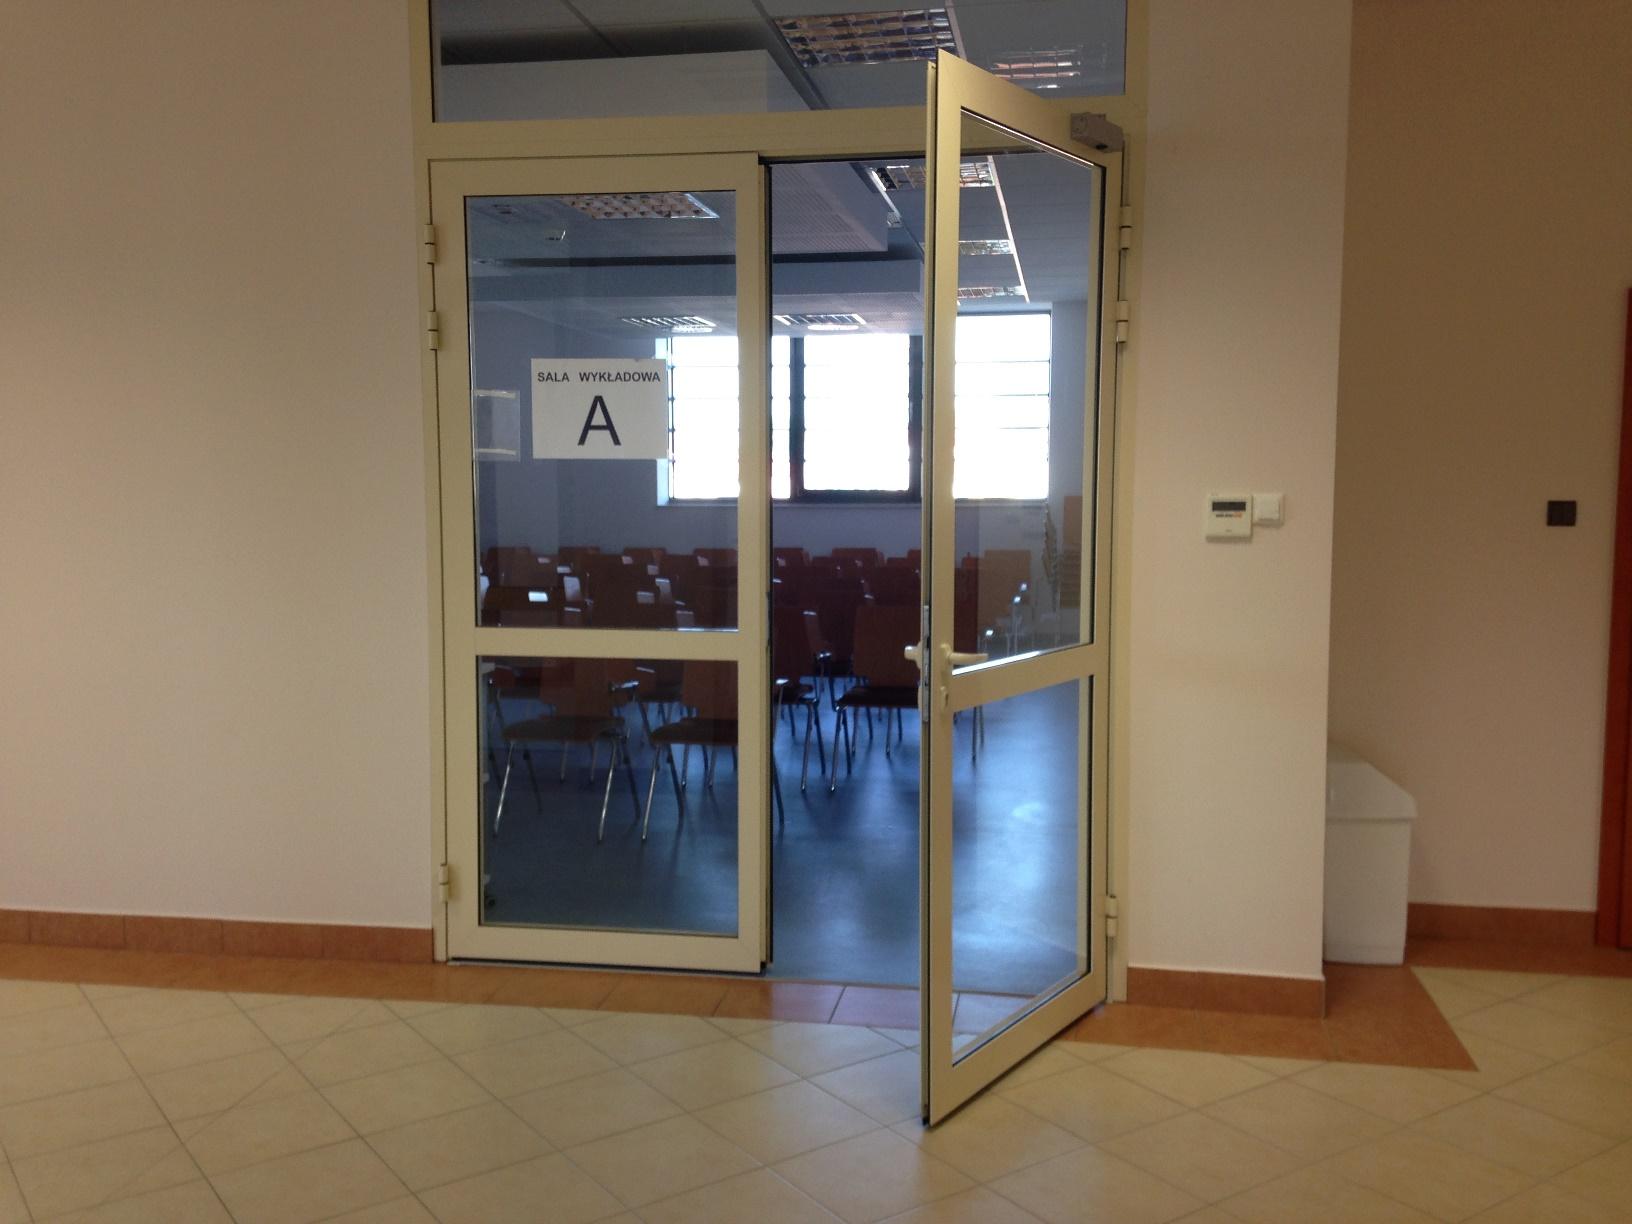 Wejście do sali wykładowej A.